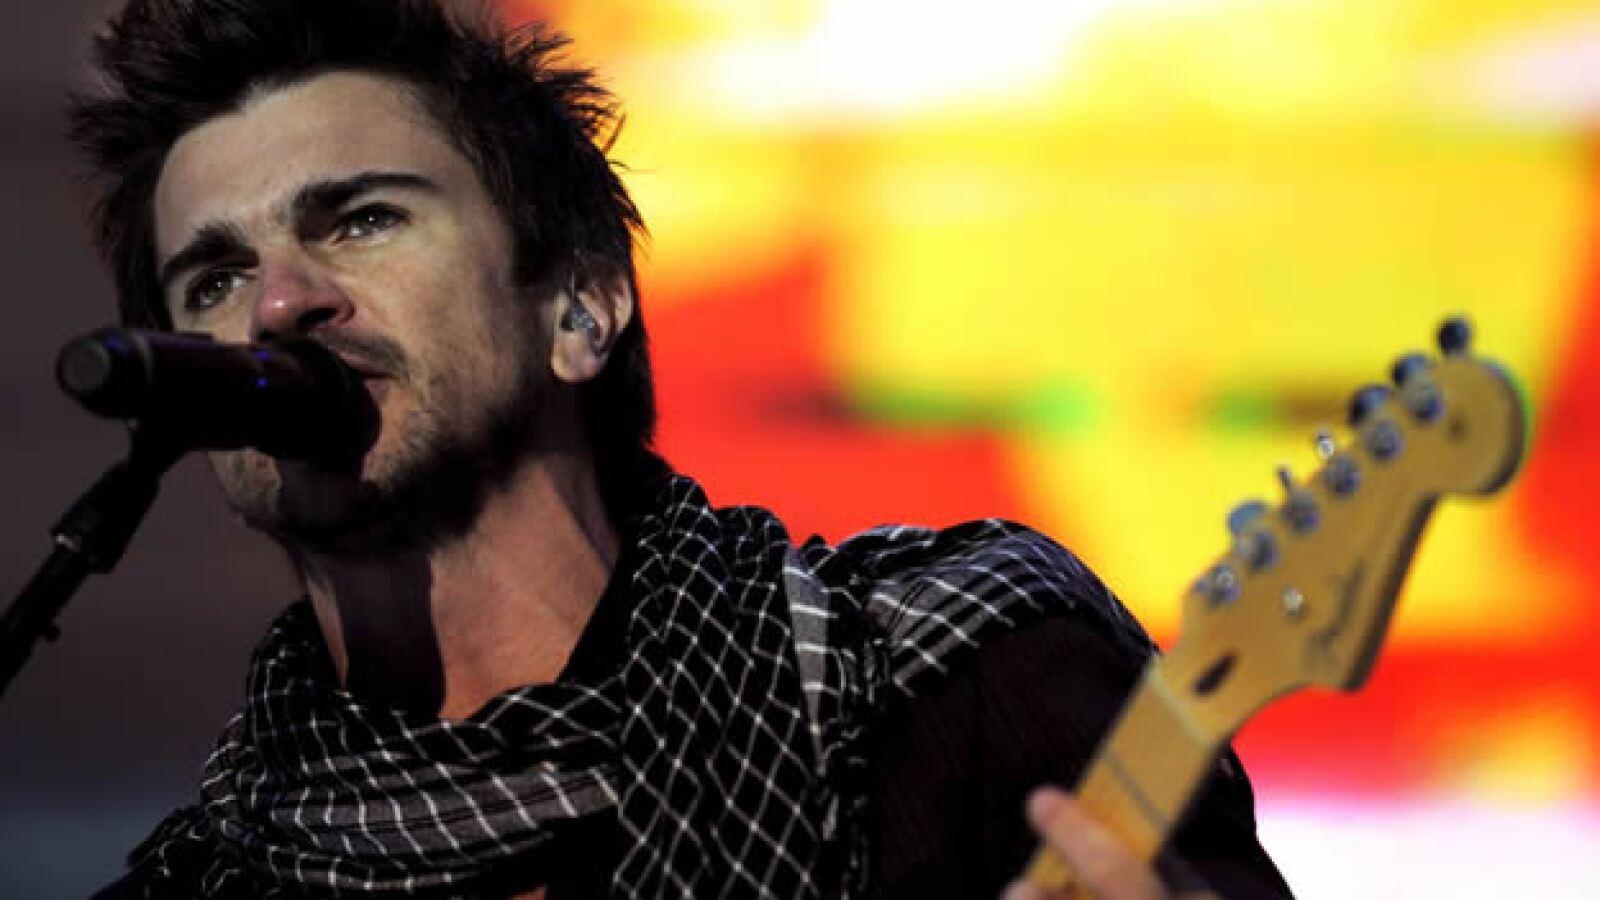 24/05/08.-El cantante colombiano Juanes durante su actuacion esta noche en el concierto Valladolid Latino 2008, que se ha celebrado esta noc